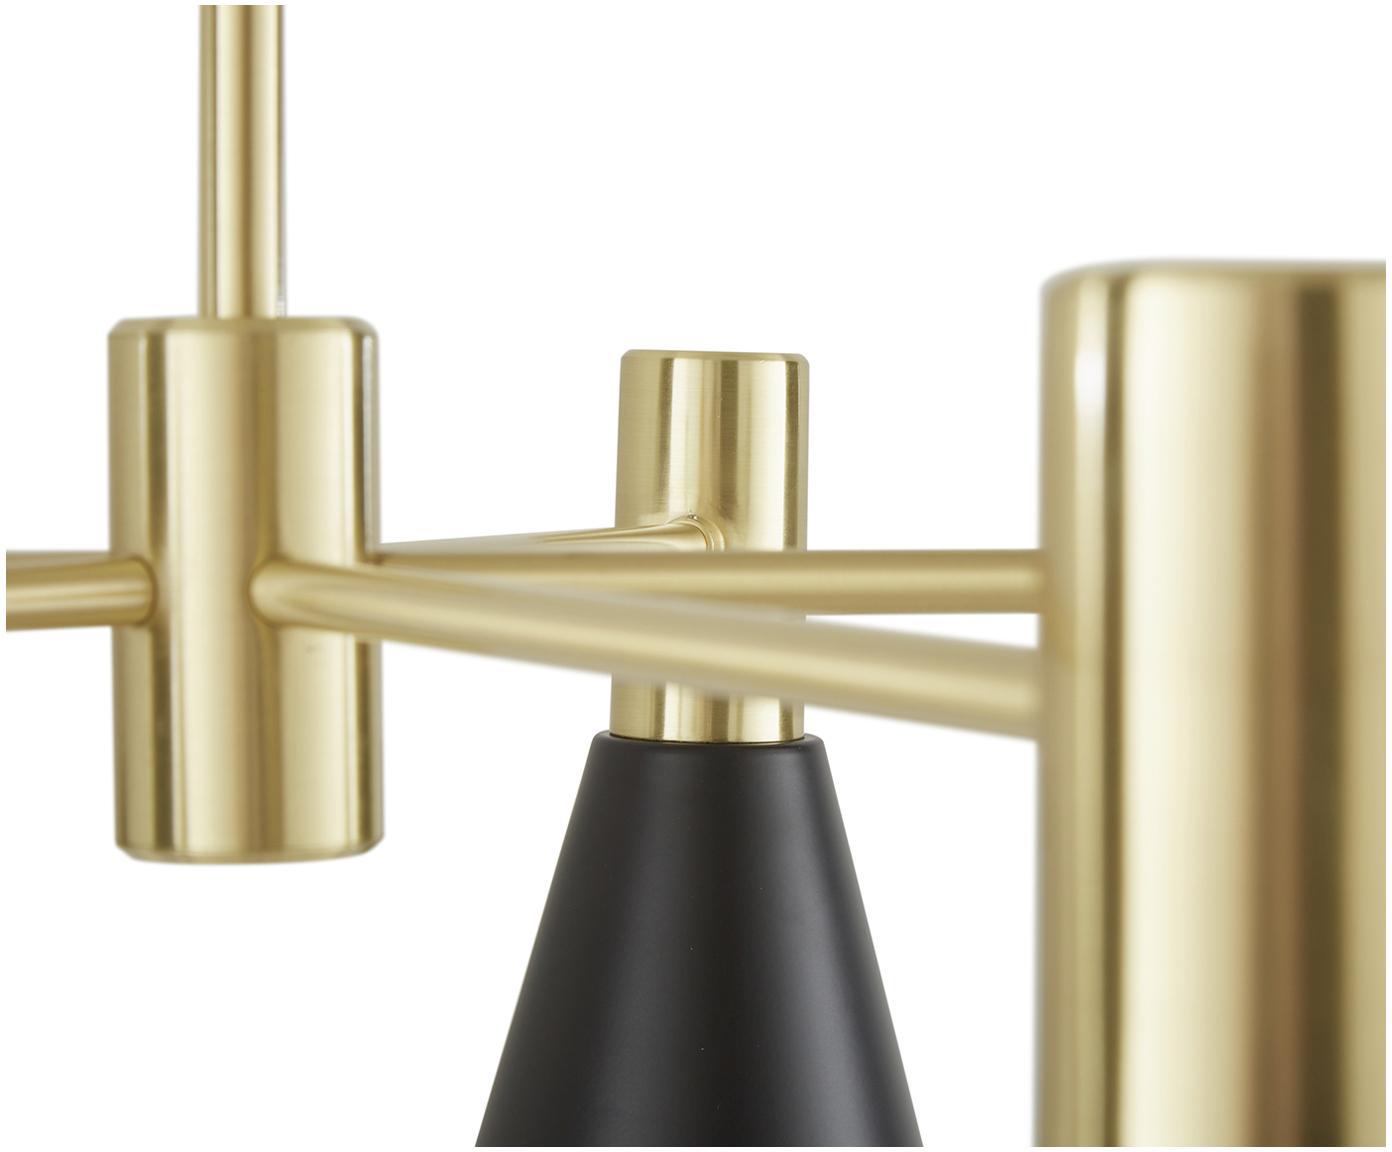 Lampa wisząca Sia, Klosz: czarny, matowy Osłona mocowania sufitowego i stelaż lampy: mosiądz szczot, Ø 75 cm